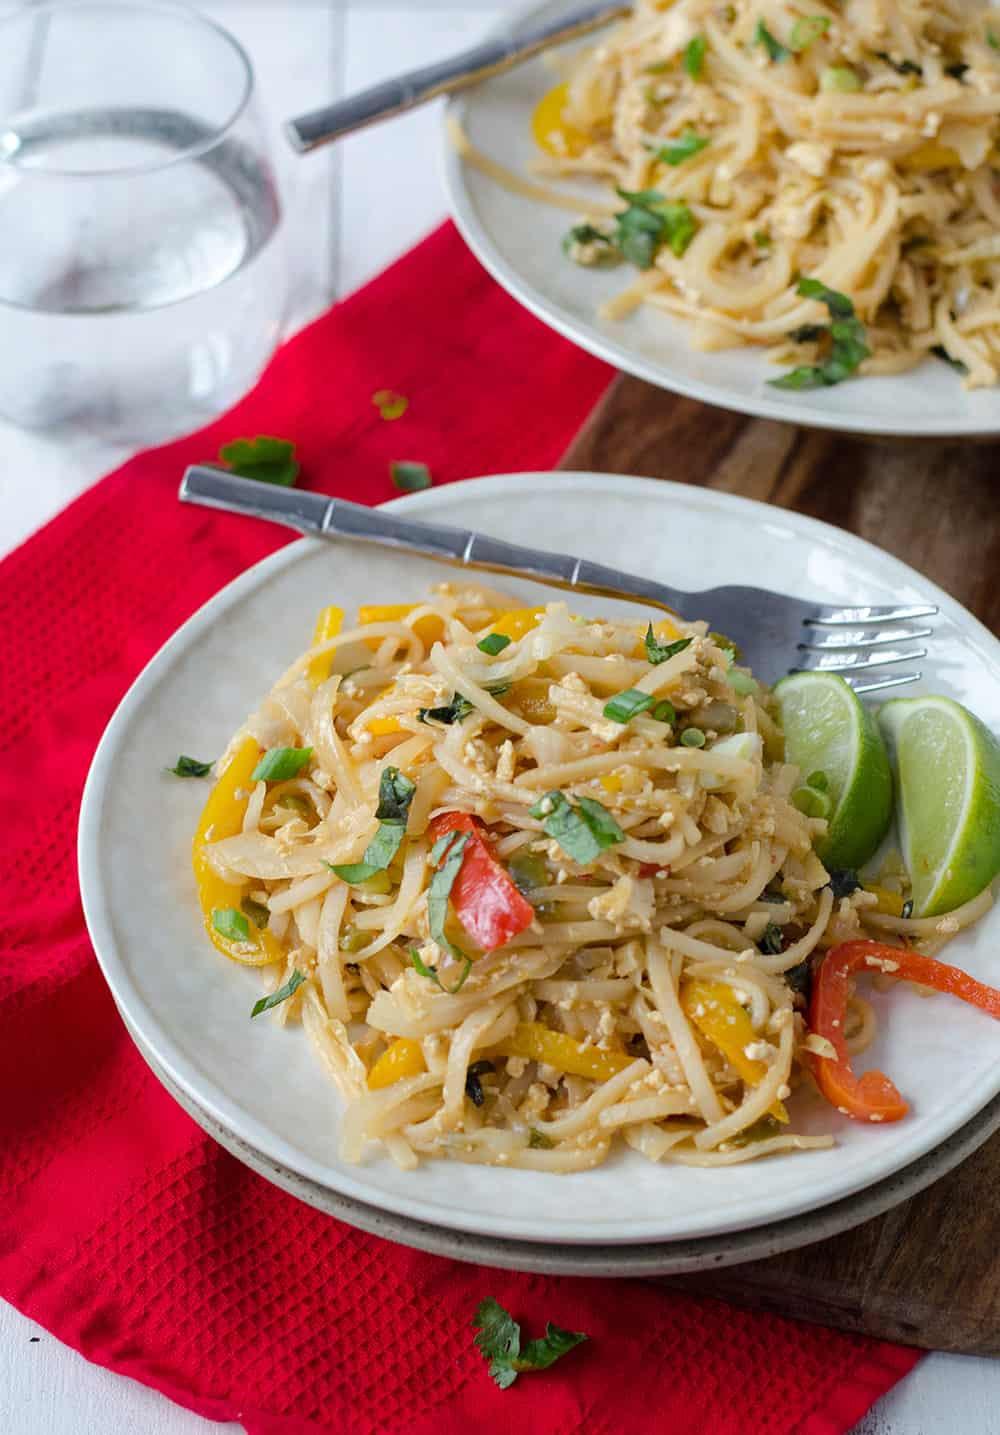 Vegan Rice Noodle Recipes  Easy Vegan Drunken Noodles Delish Knowledge